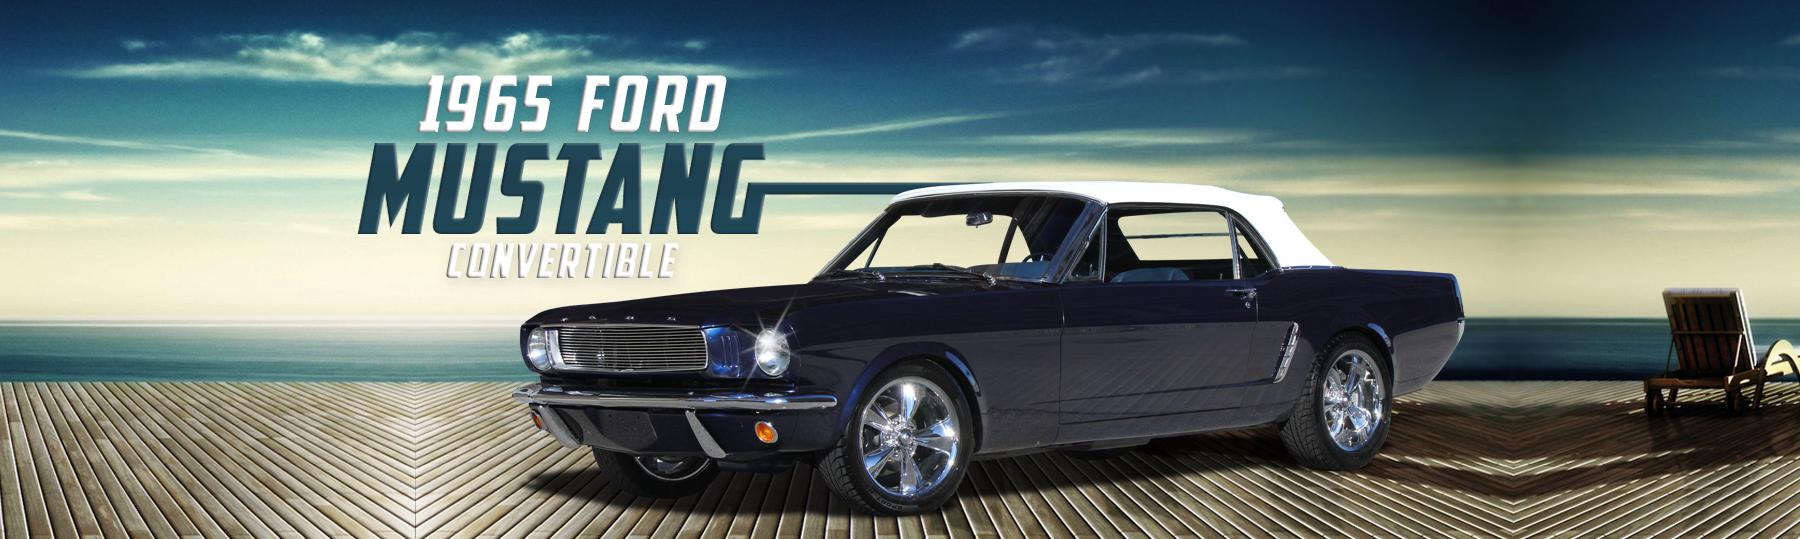 Fineline-65-Mustang-header-11